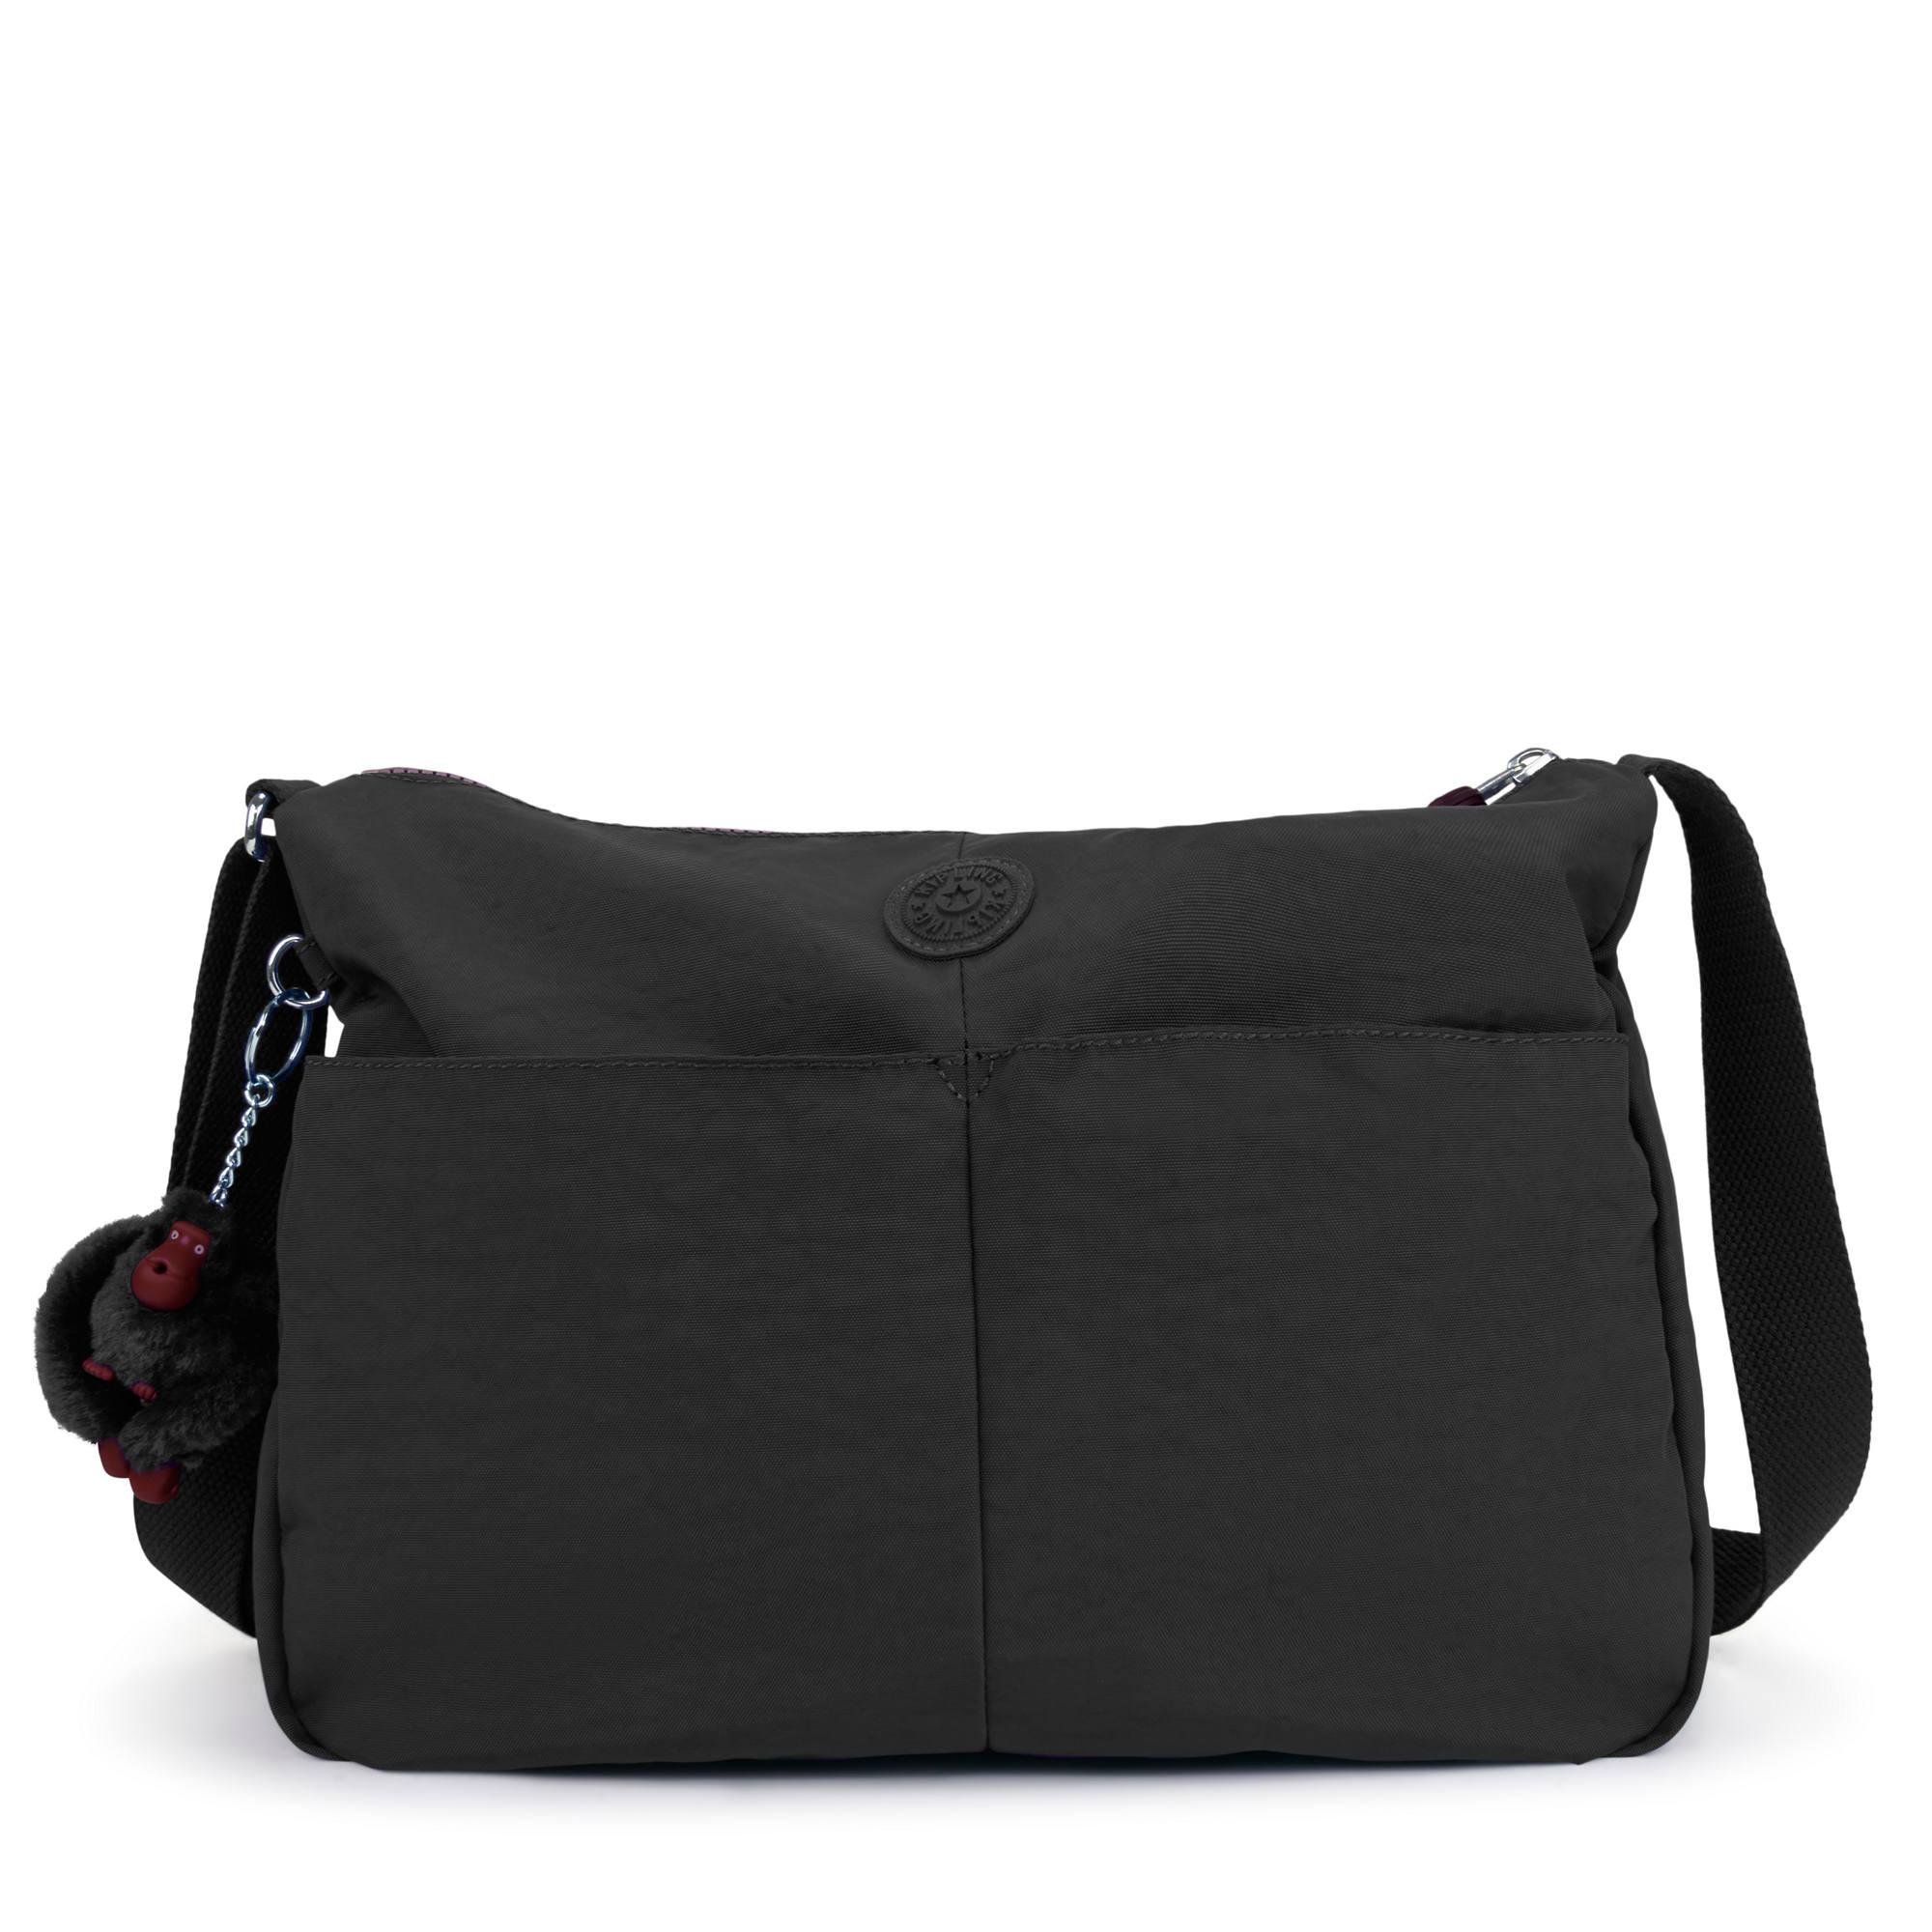 725f182820 Kipling Rosita Crossbody Bag $30 + Free Shipping - Slickdeals.net